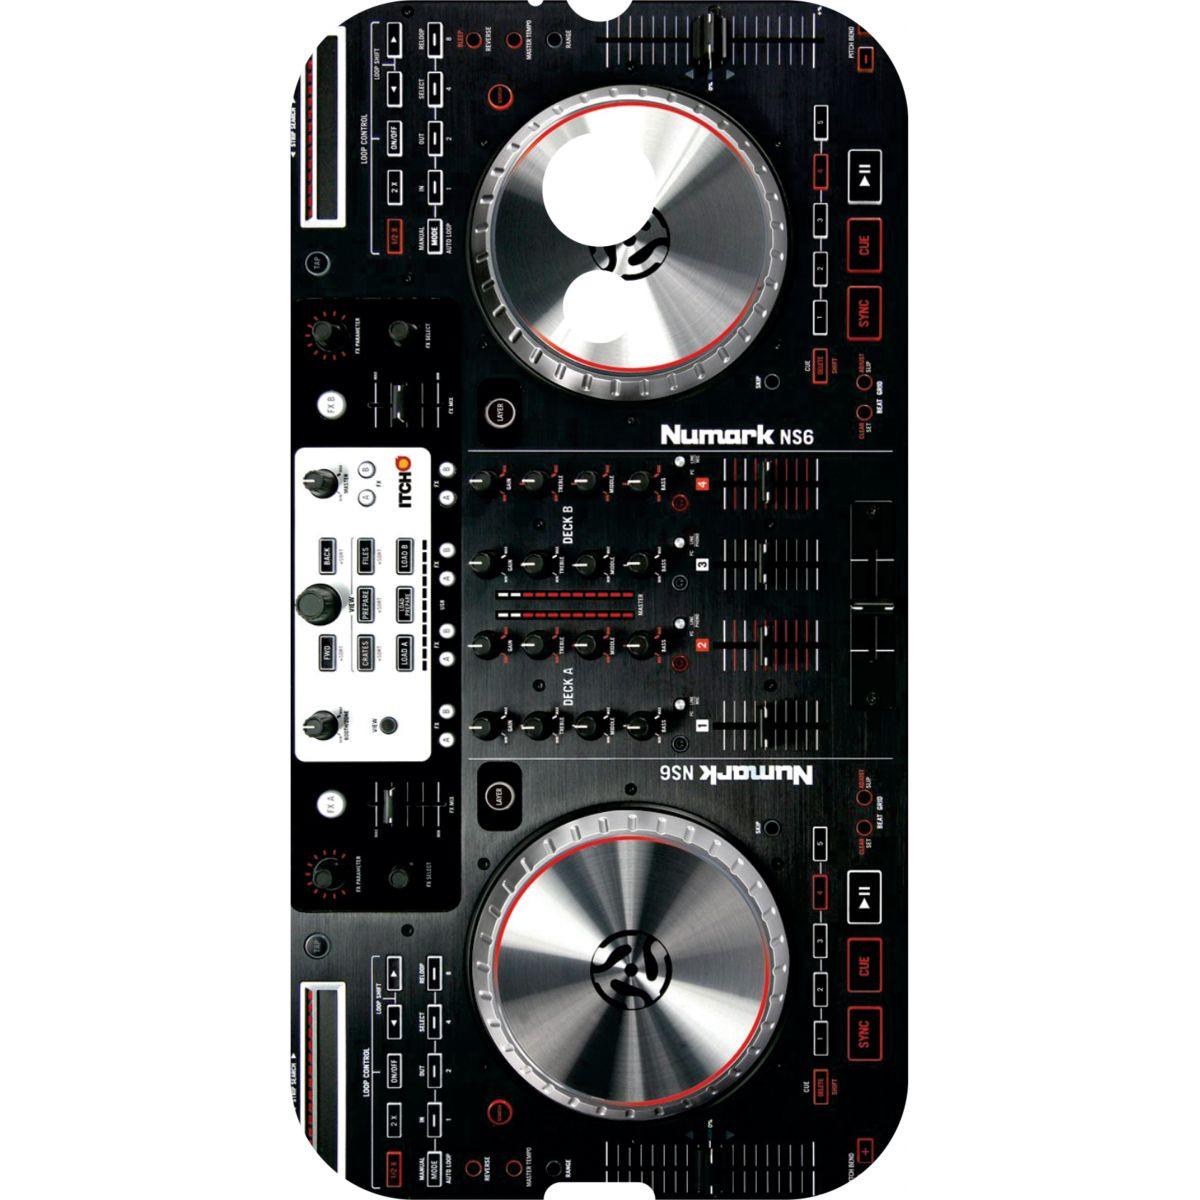 Capa Personalizada para Motorola Moto G2 Xt1069 Xt1068 - T19